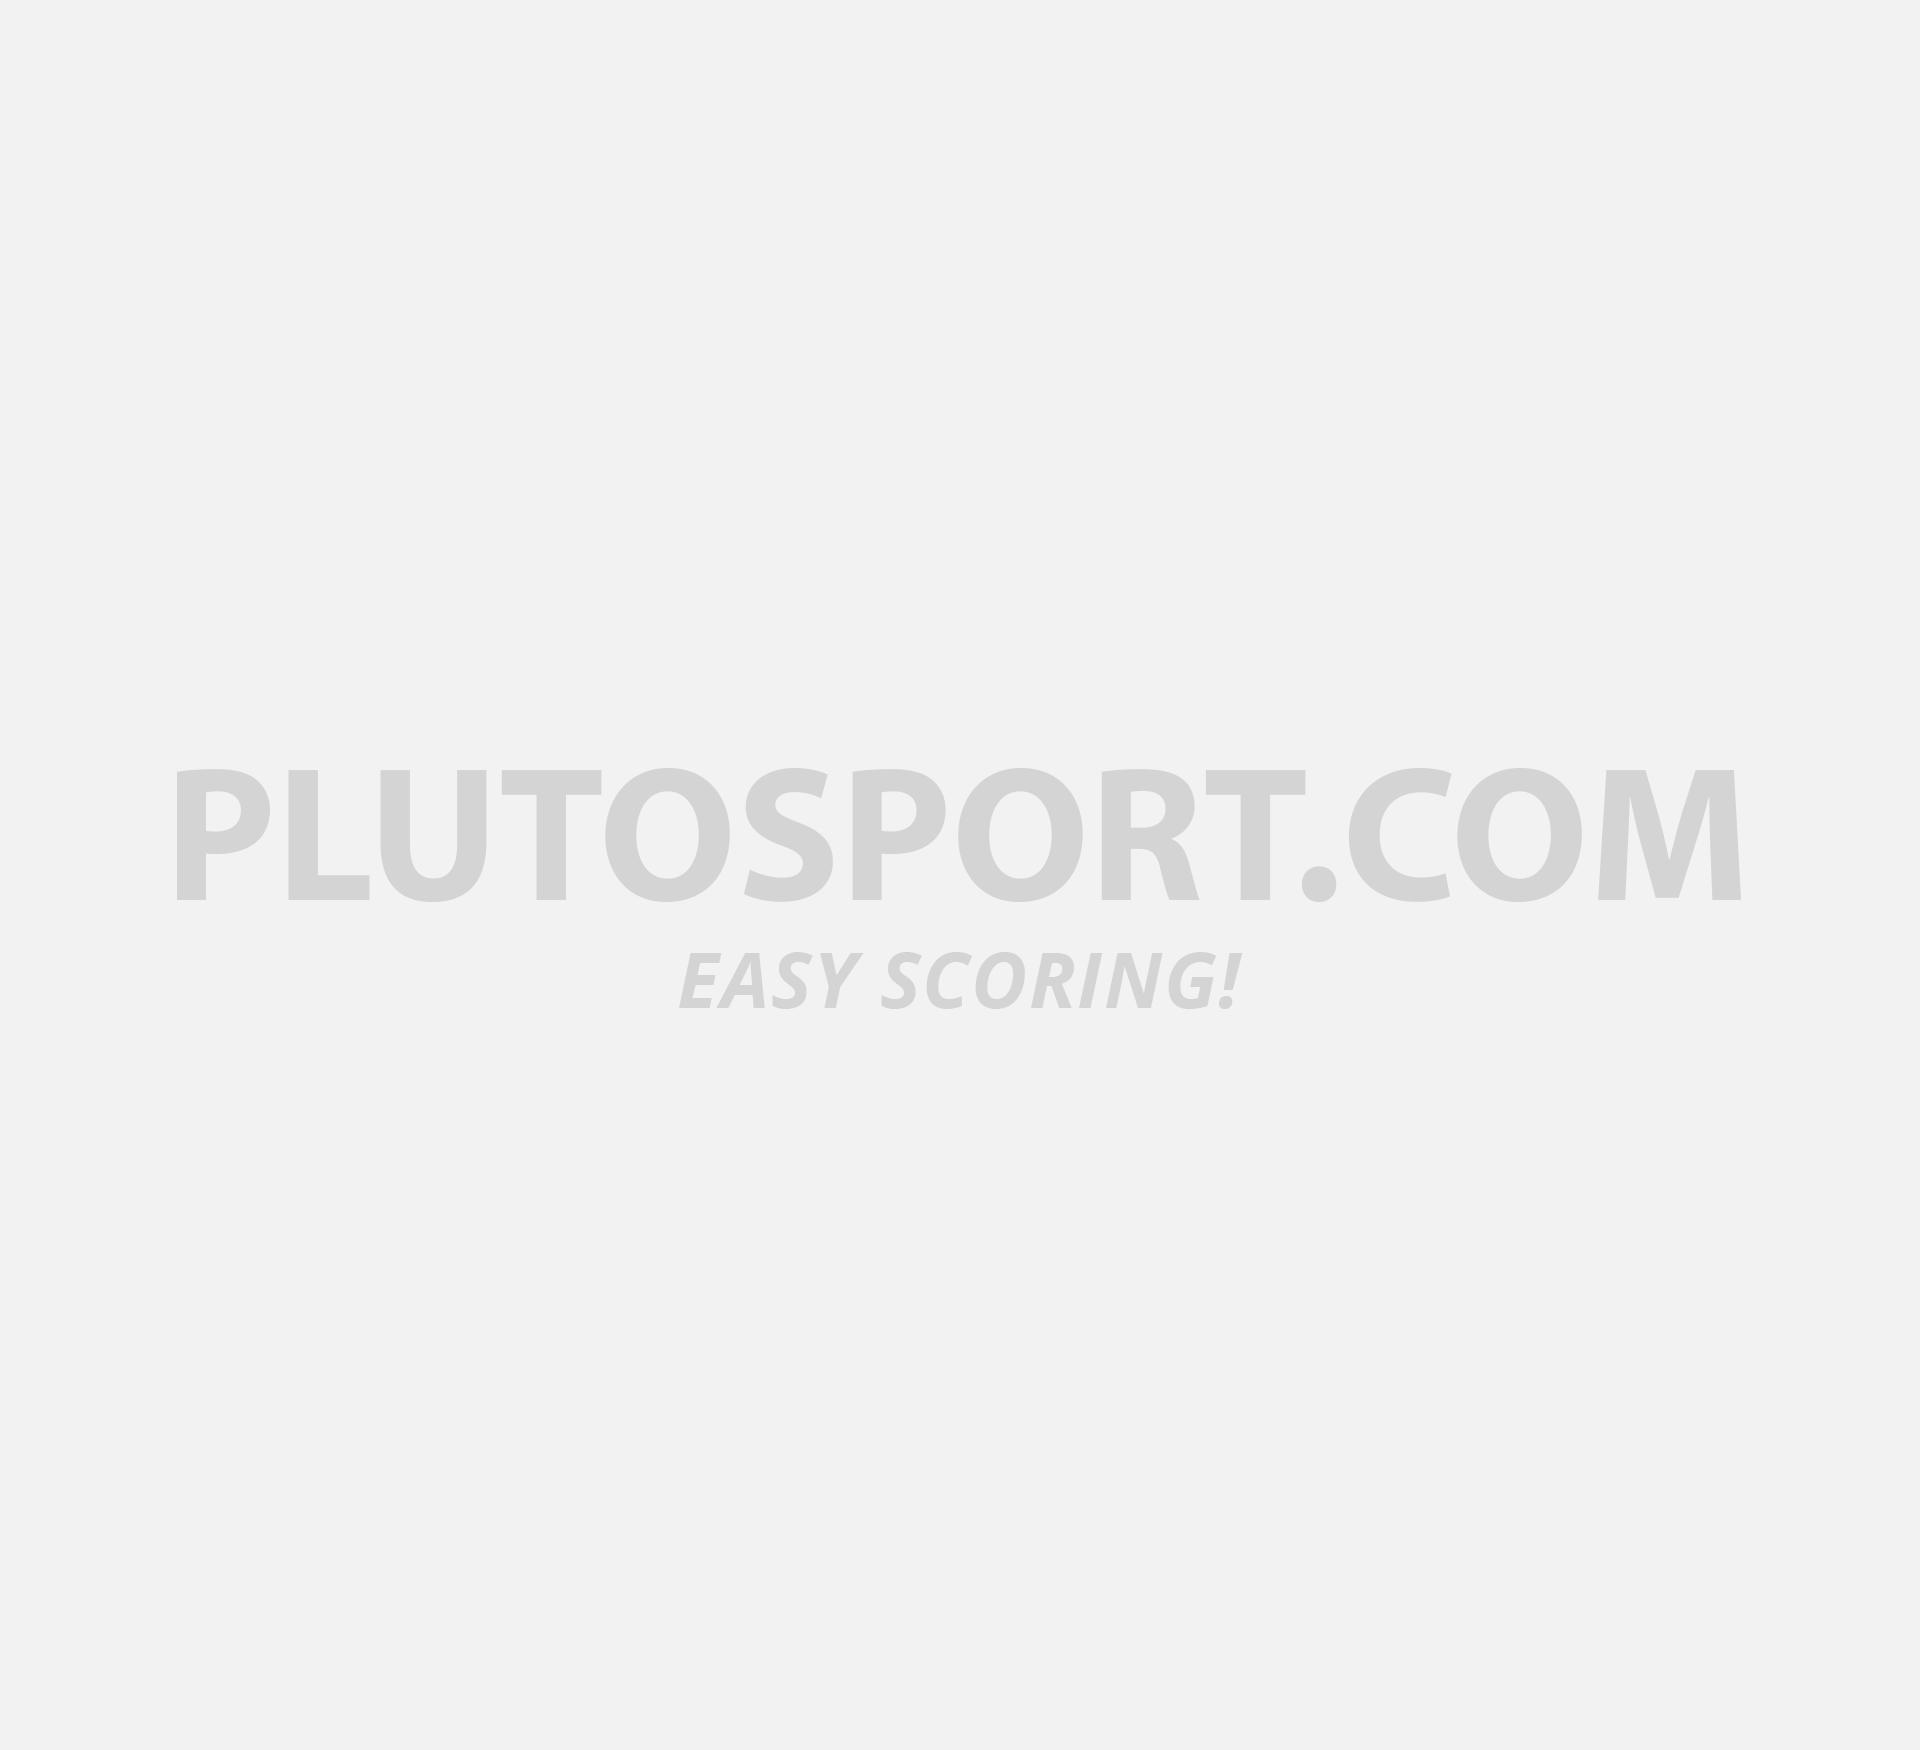 Lotto Jersey Clothing Delta Shirts Football Shortsleeves PXuiZkO